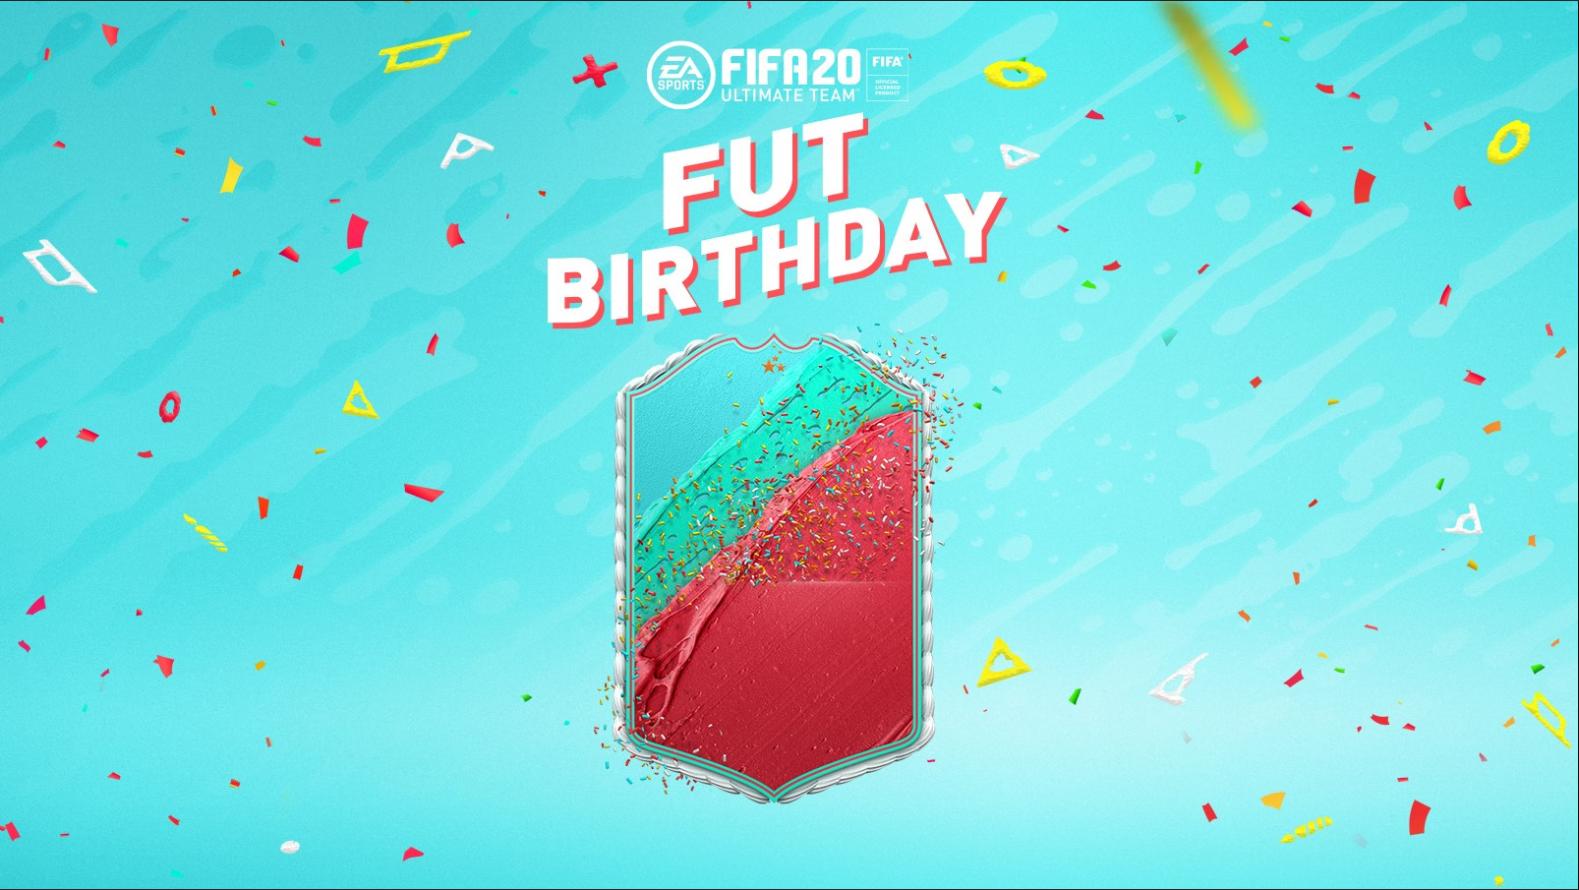 EA Sports adds FUT birthday promo into FIFA 20